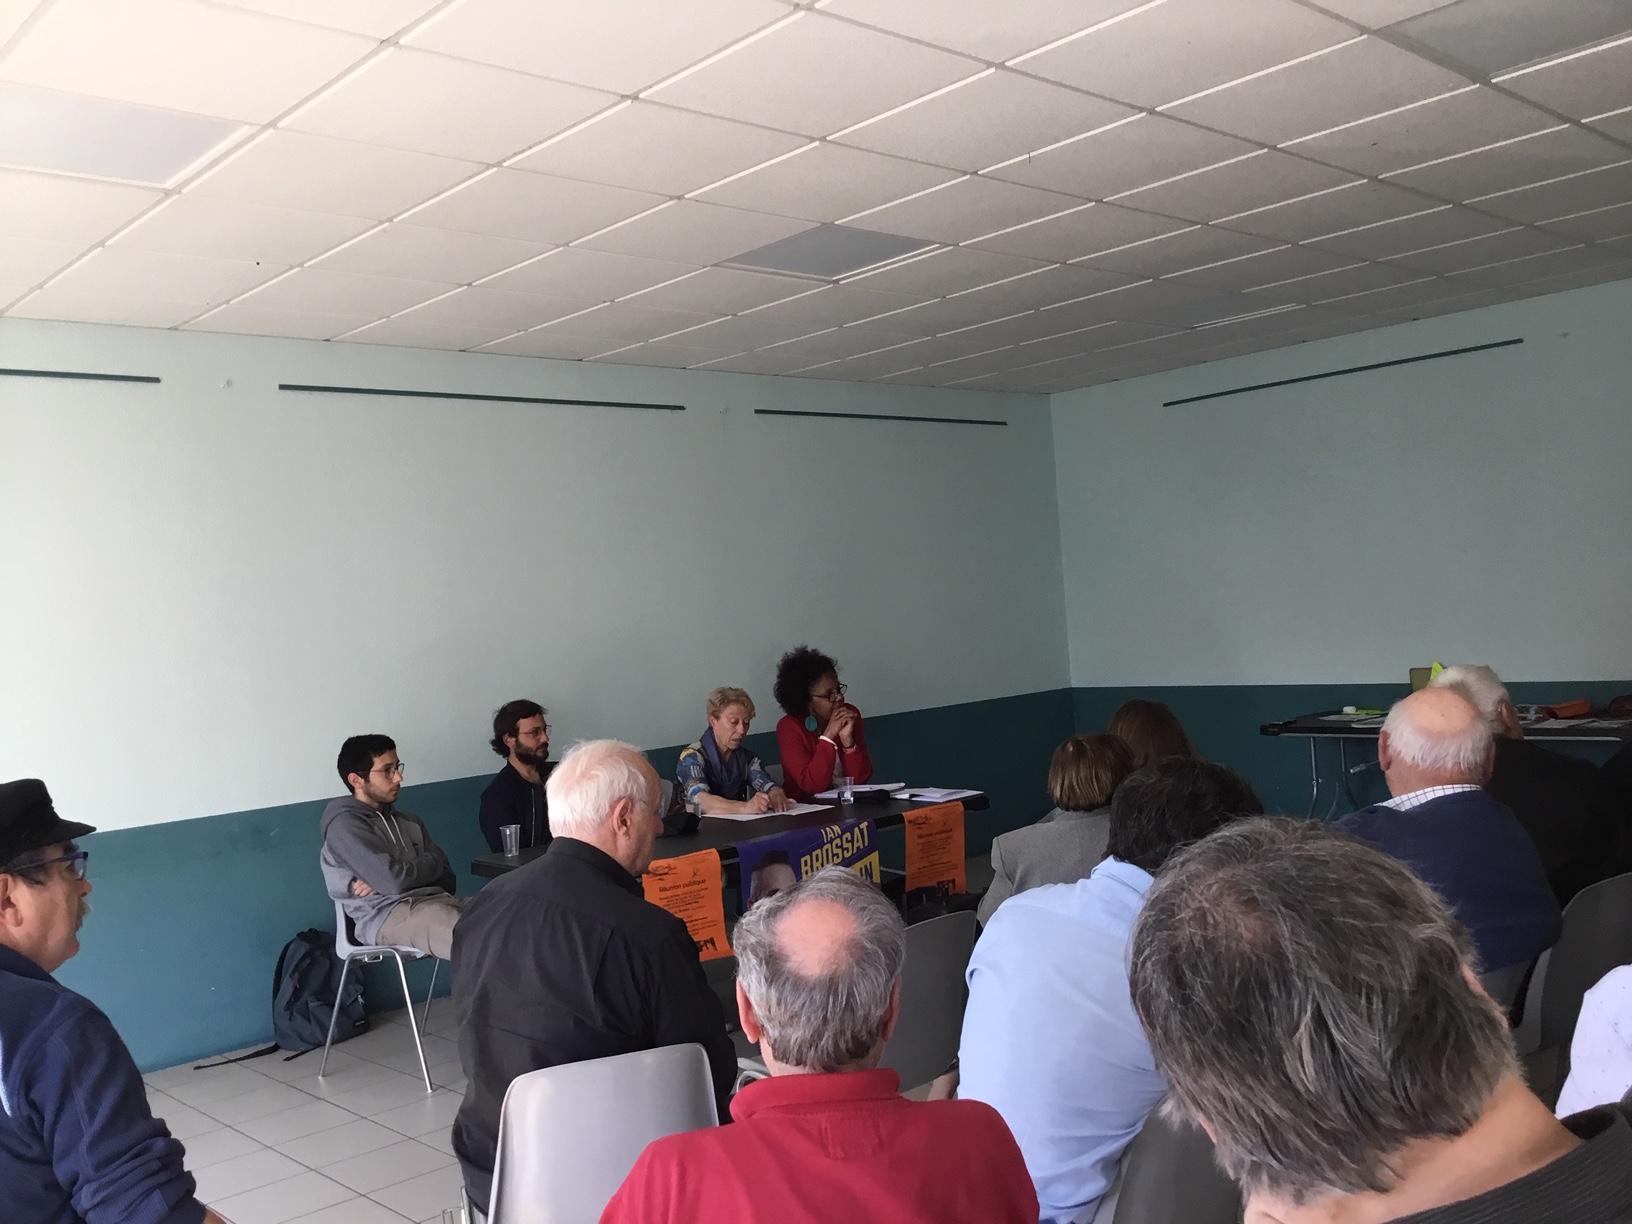 (7) Européenne débat à Taussat commune de Lanton : Rencontre avec Arthur Hay, candidat sur la liste de Ian Brossat